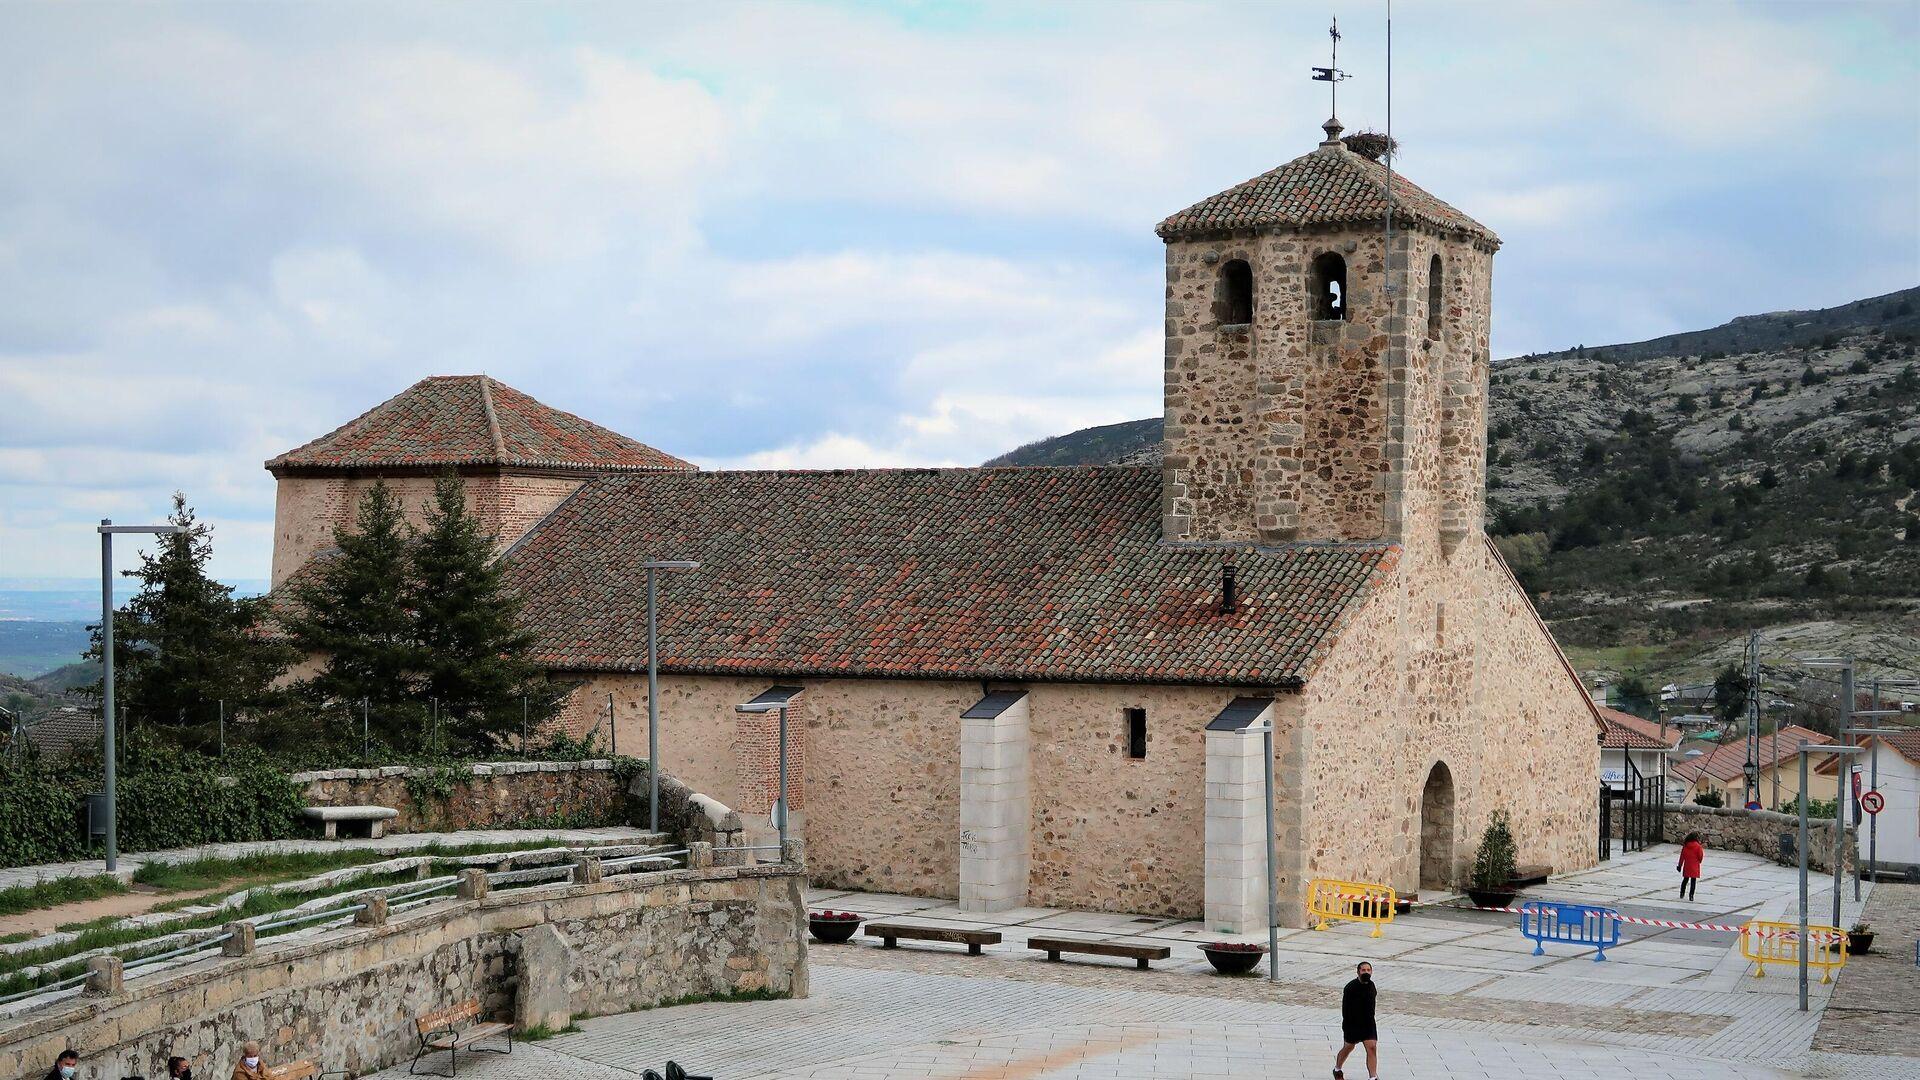 Iglesia de la Purísima Concepción en Bustarviejo, un pueblo del norte de Madrid - Sputnik Mundo, 1920, 16.05.2021